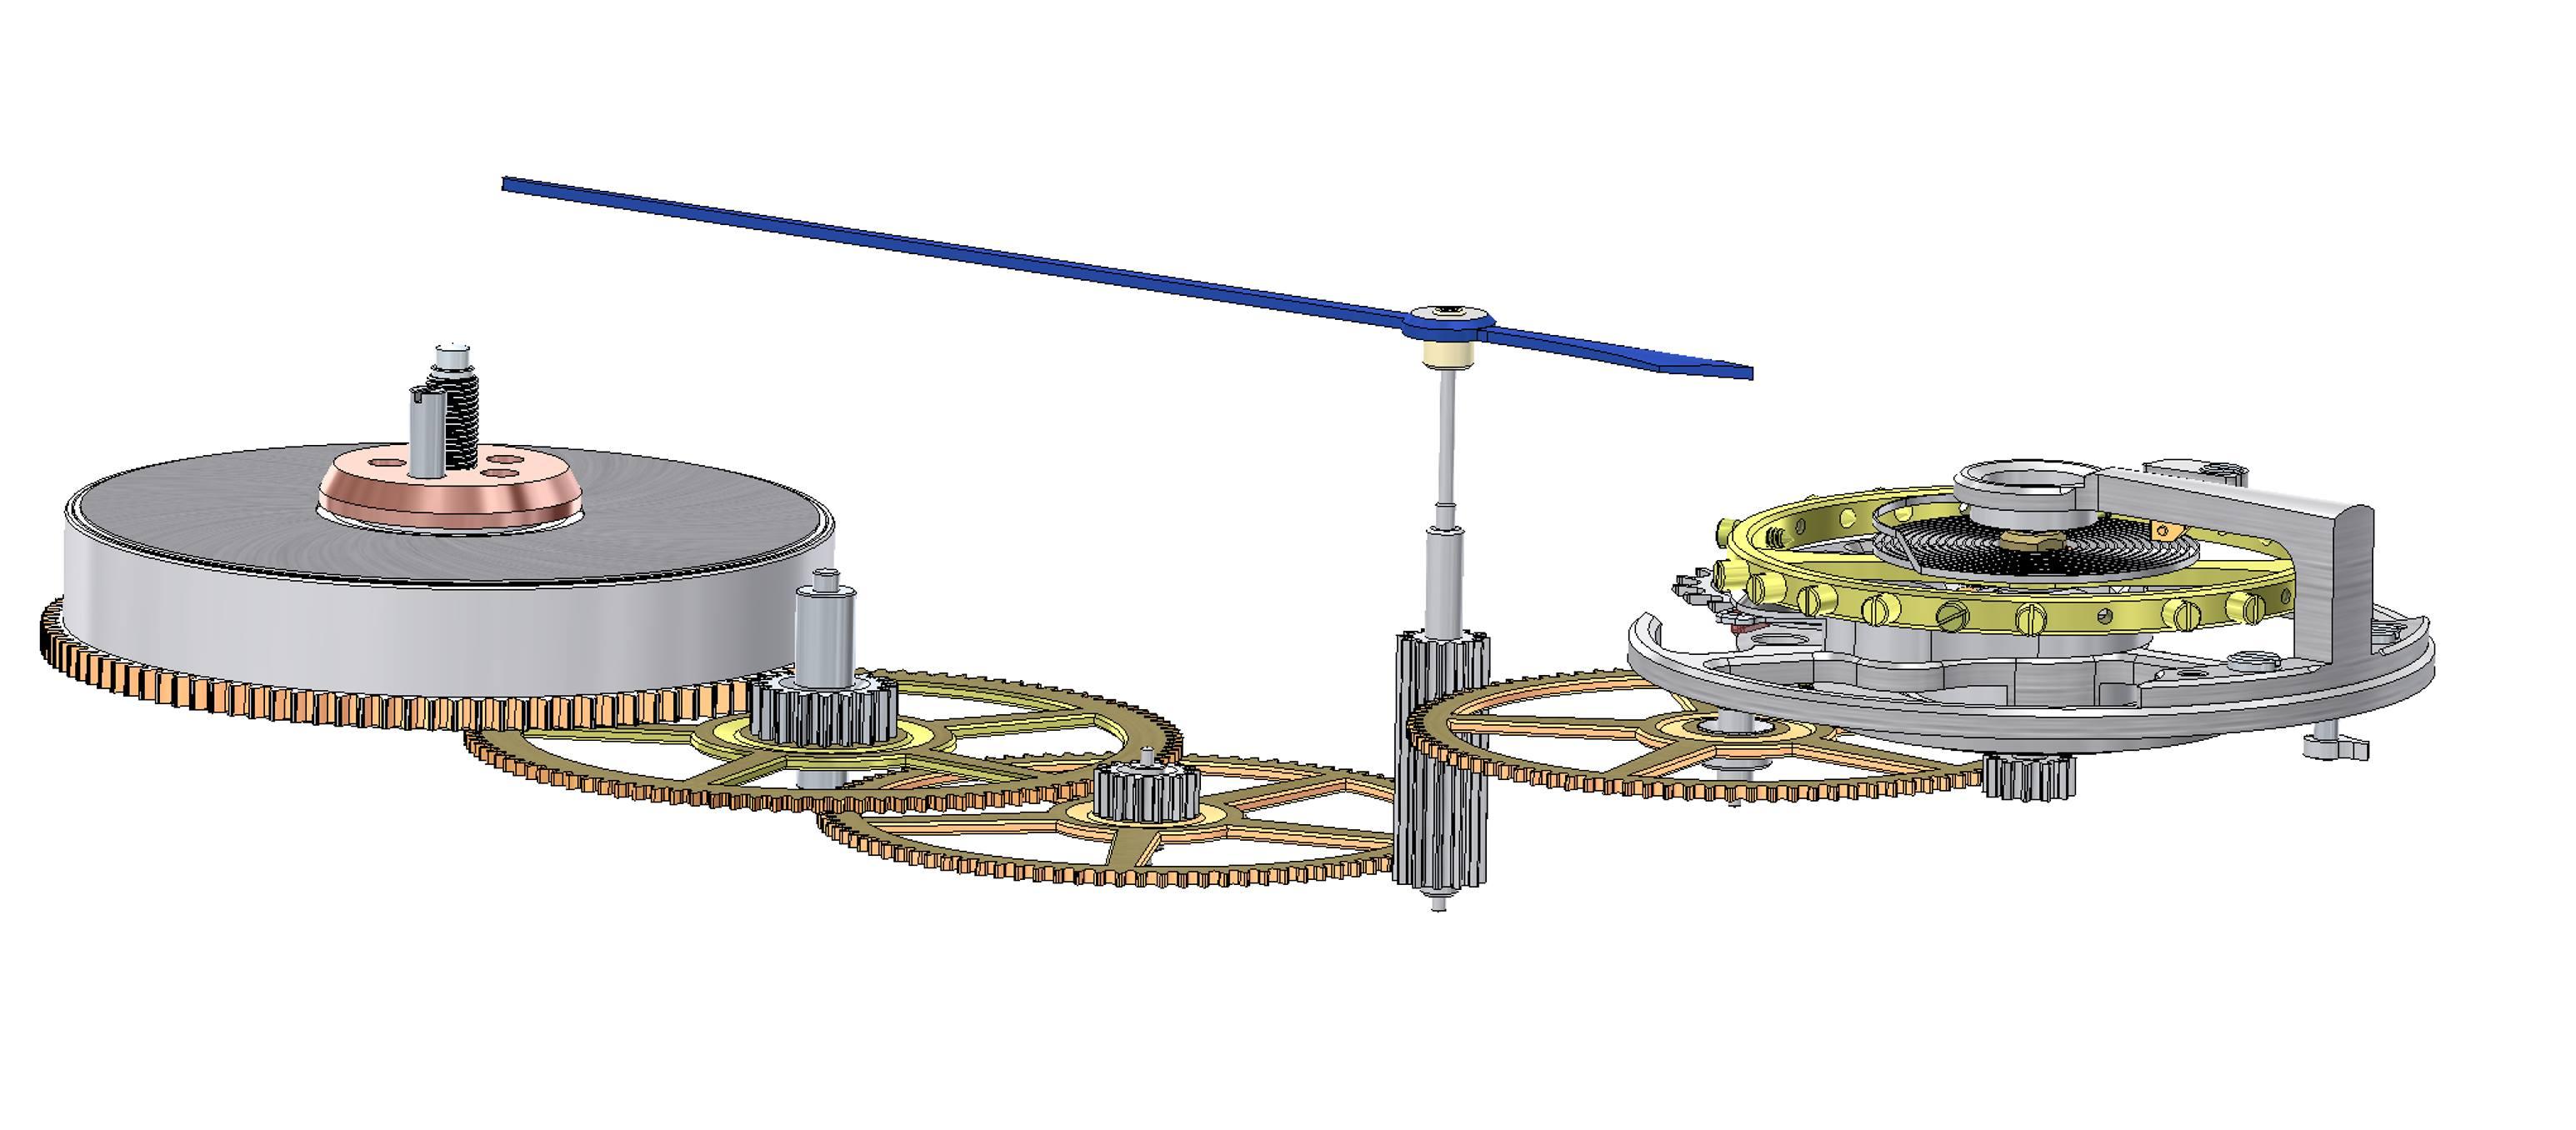 Energía, tren de ruedas, escape, regulación e indicación de tiempo.